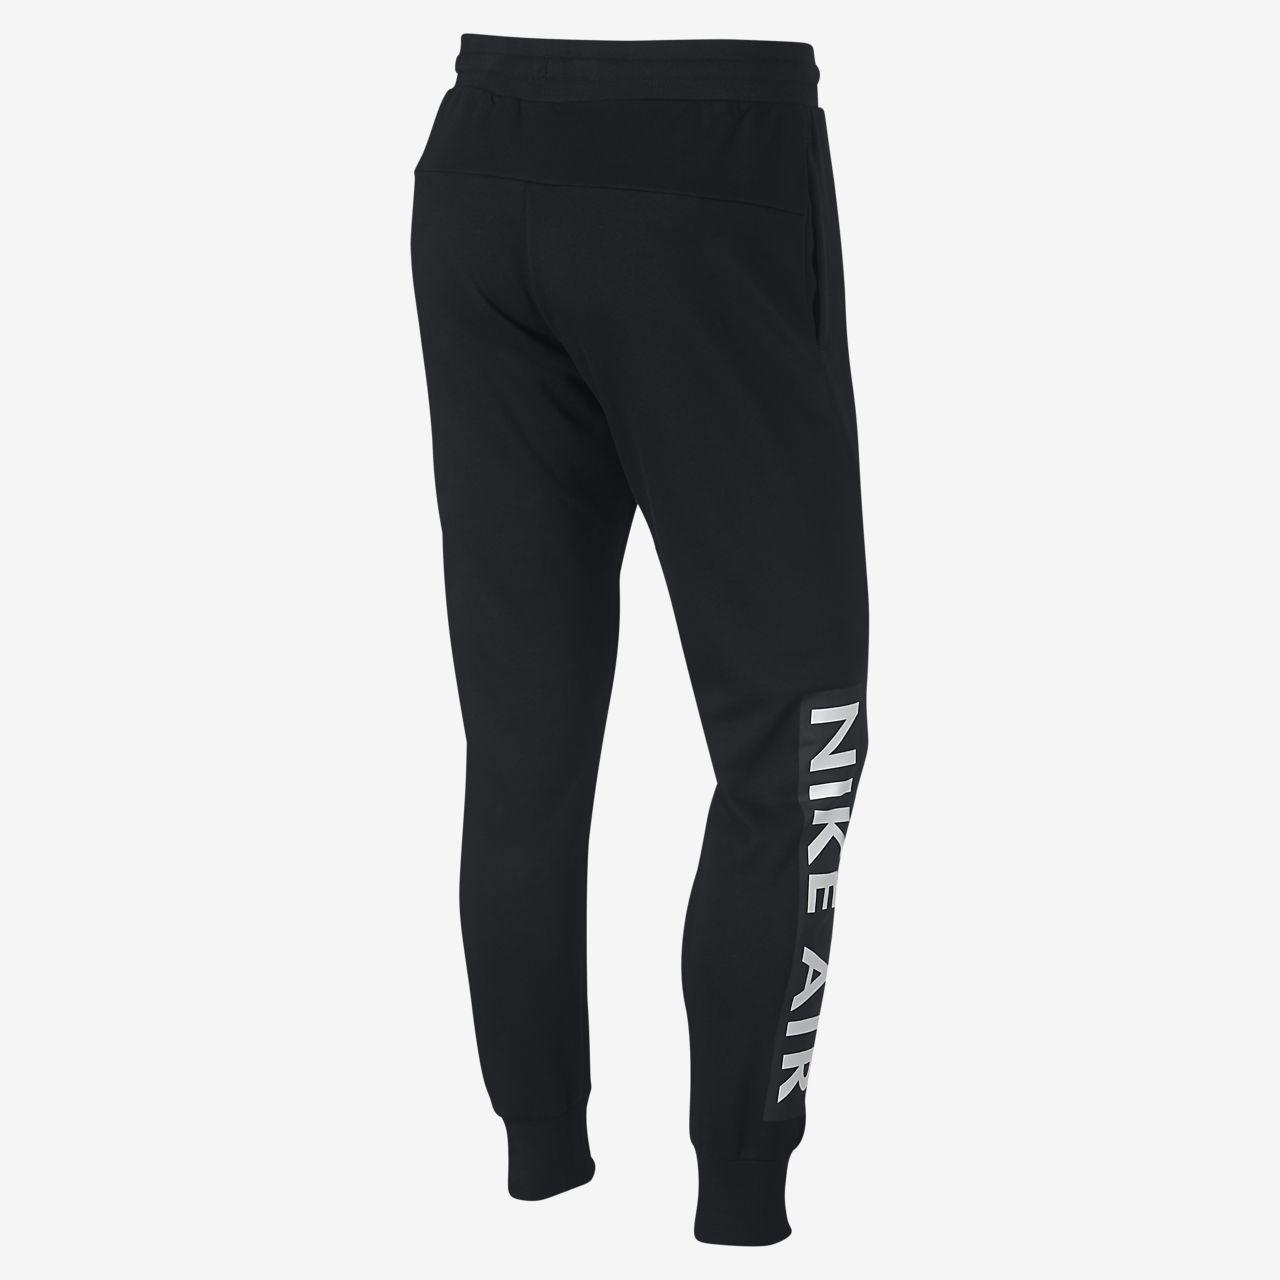 Pantaloni Tuta Nike Air Nero Uomo Outlet